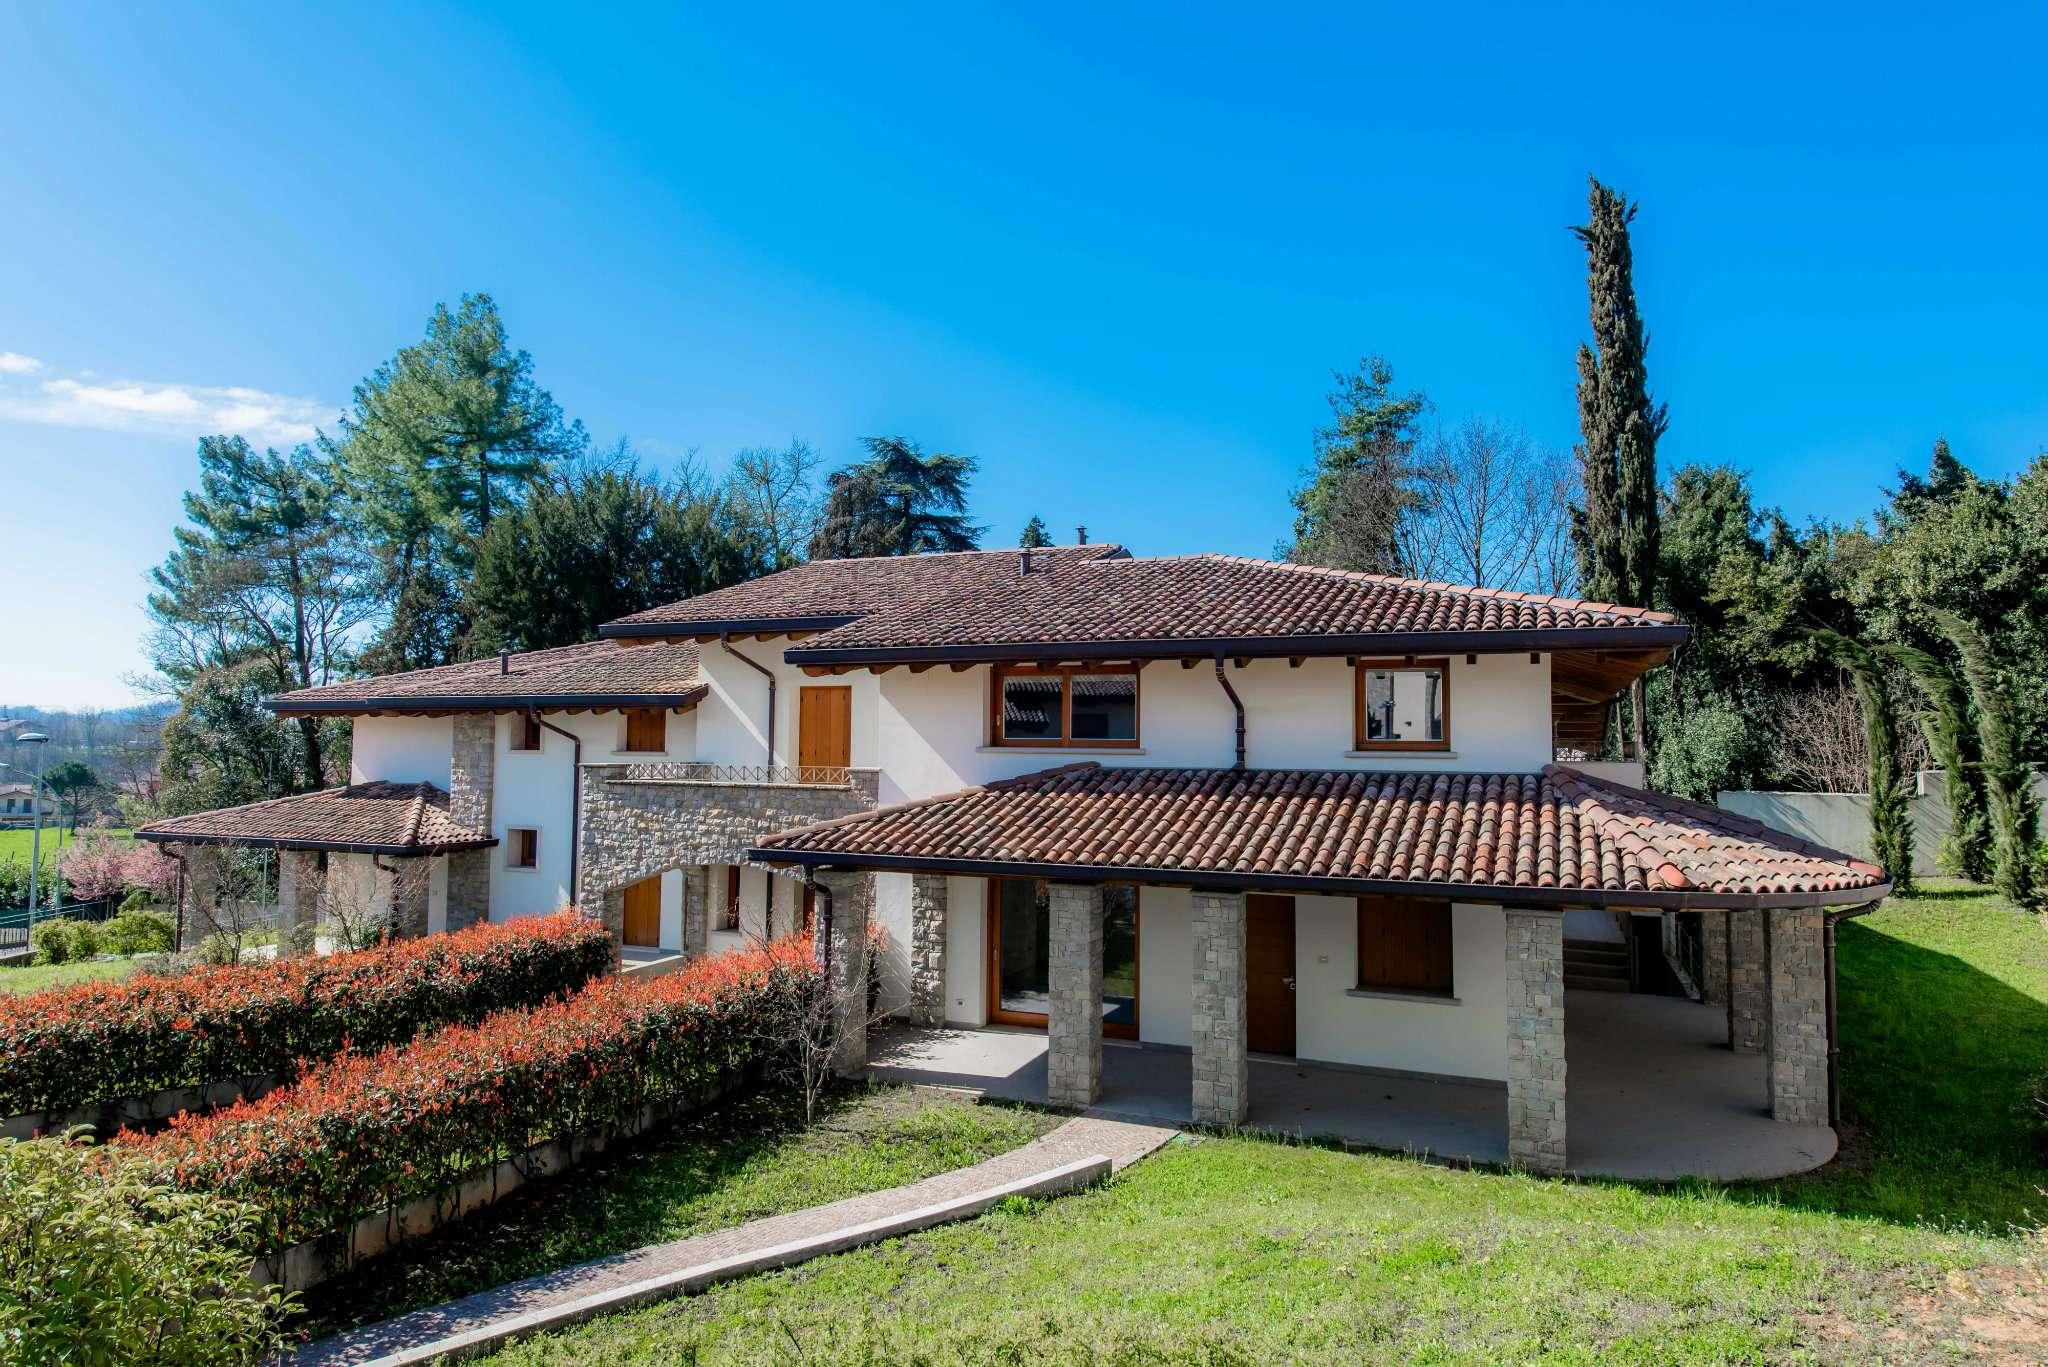 Villa in vendita a Torre de' Roveri, 3 locali, prezzo € 480.000 | PortaleAgenzieImmobiliari.it